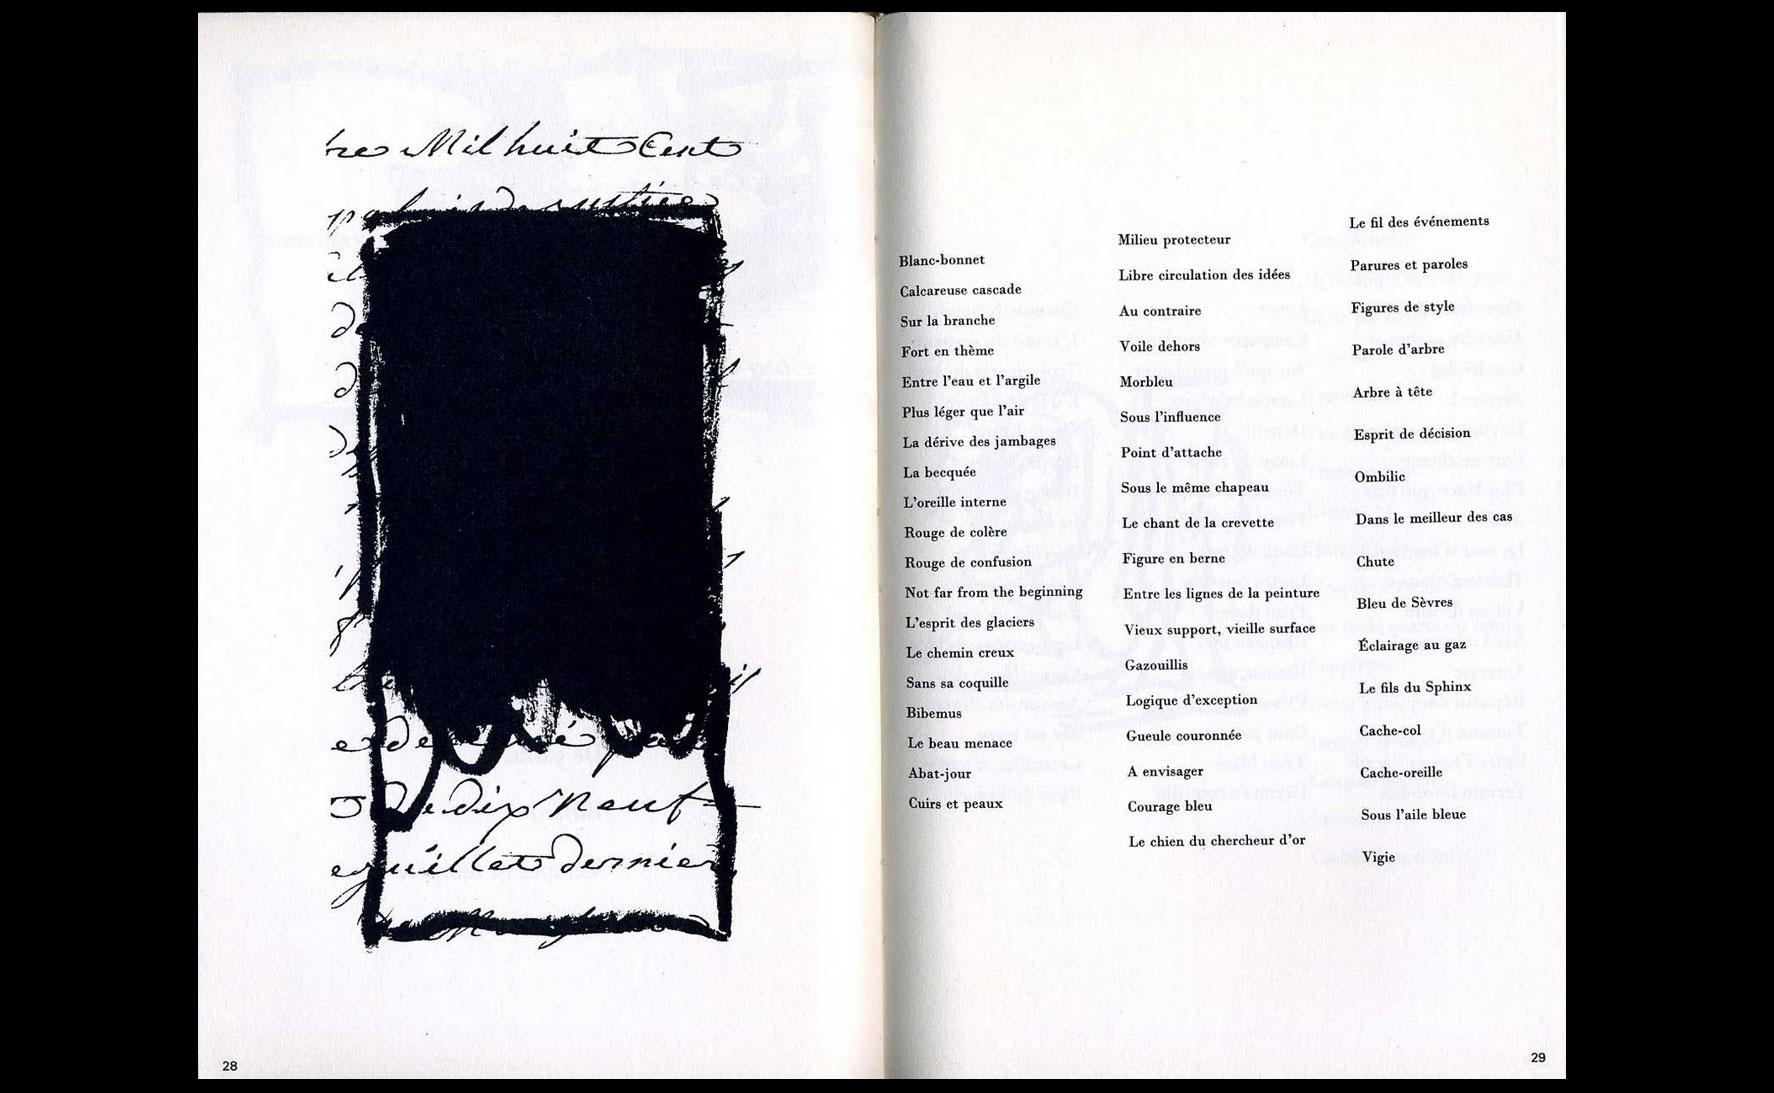 Le-Bureau-des-titres-Pierre-Faucheux-1983-02